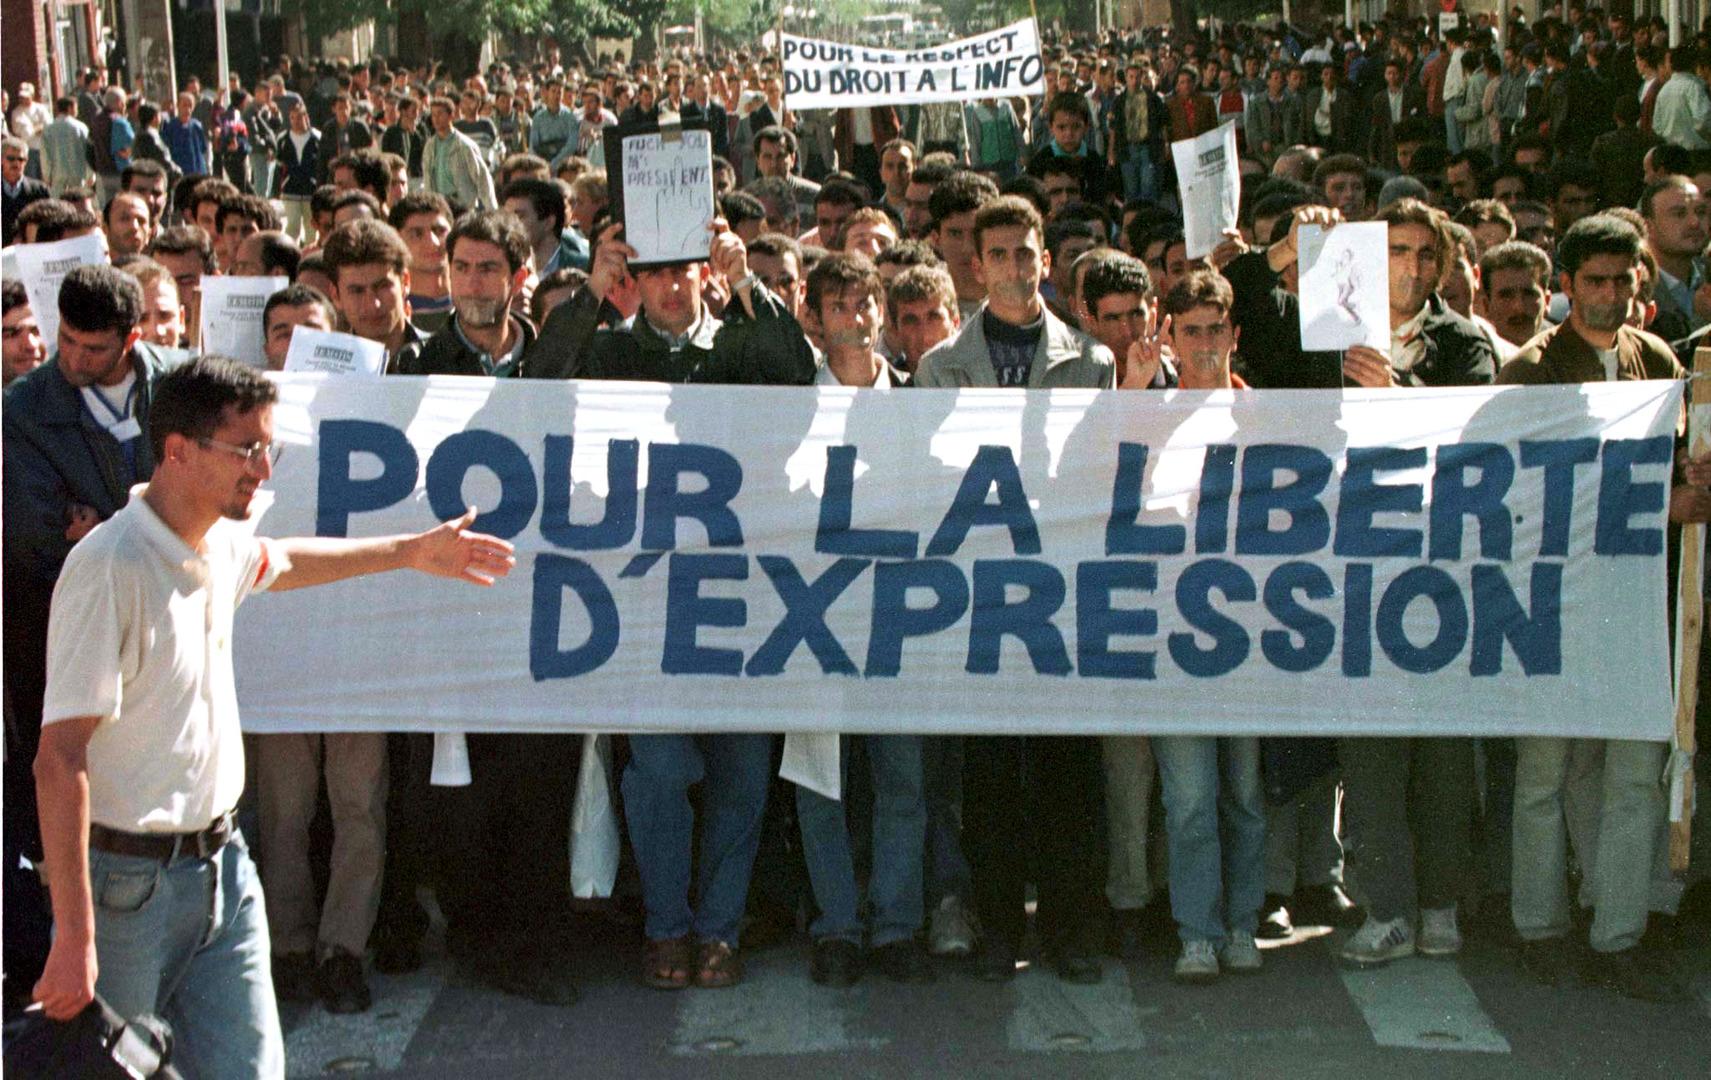 صورة من احتجاجات قبل أشهر دفاعا عن حرية الصحافة.